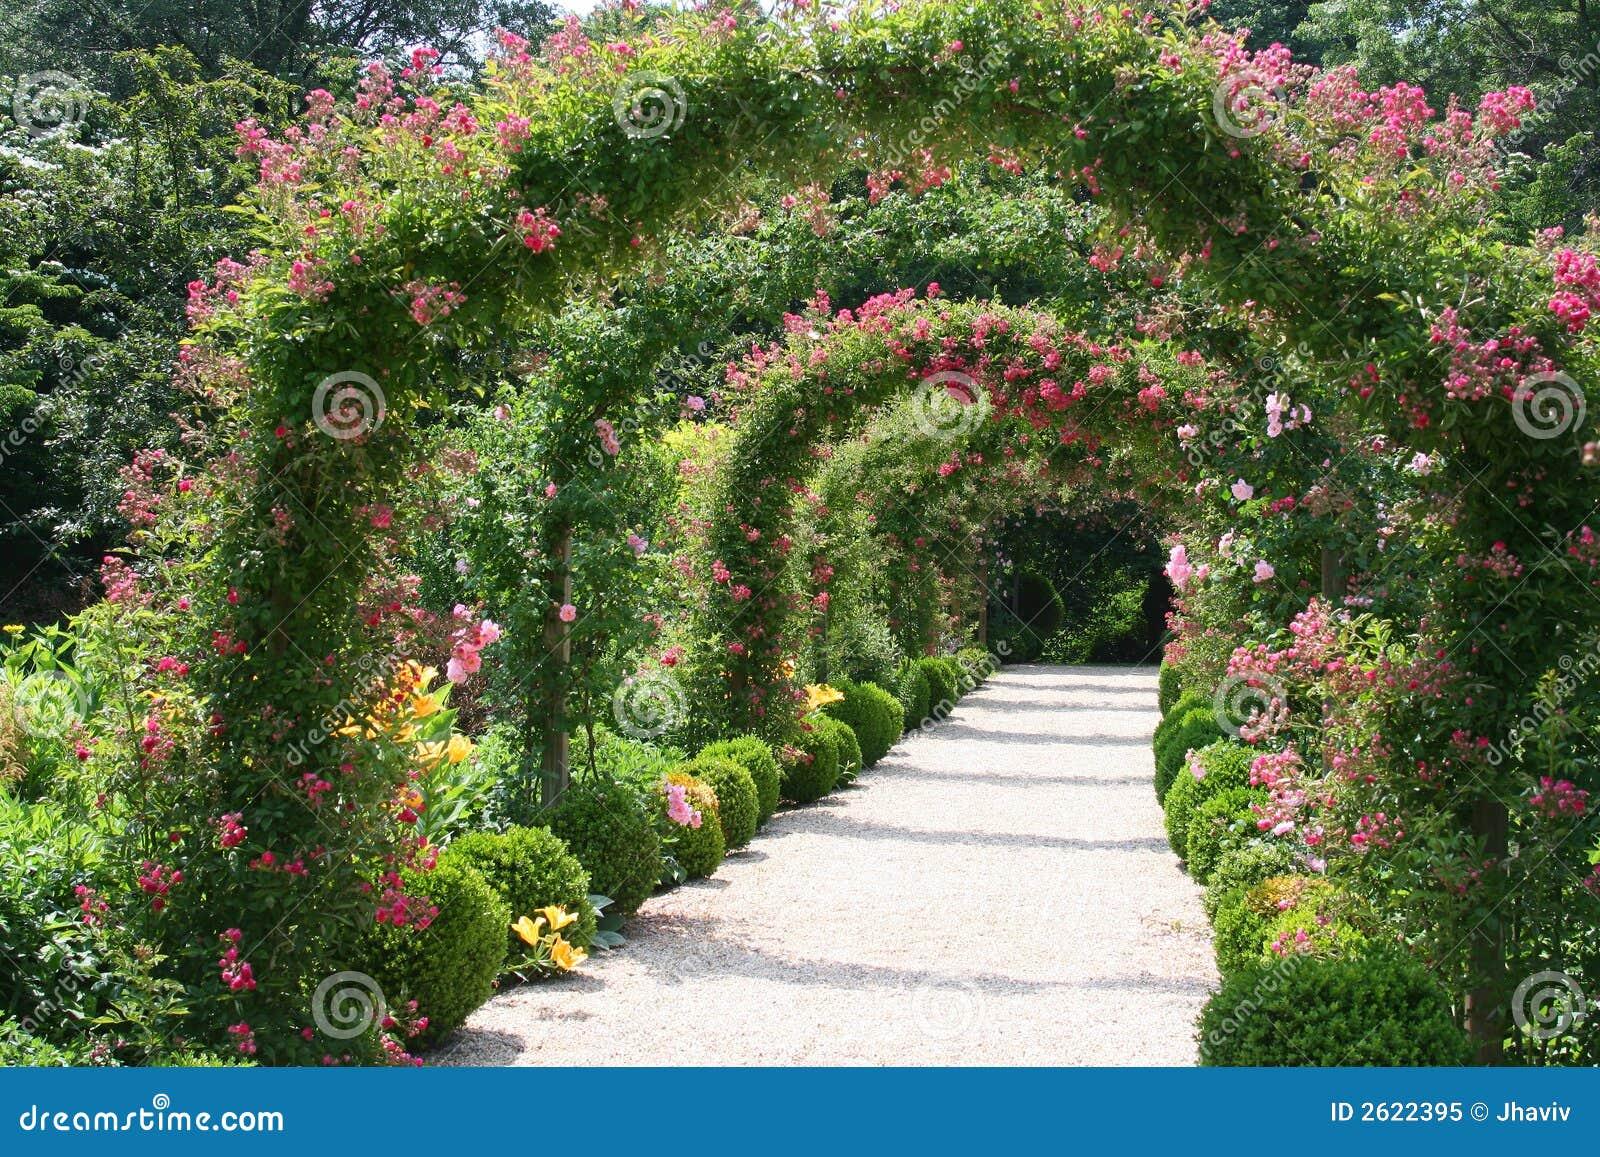 flores para jardim verao : flores para jardim verao:Paisagem Do Jardim De Rosas Foto de Stock Royalty Free – Imagem